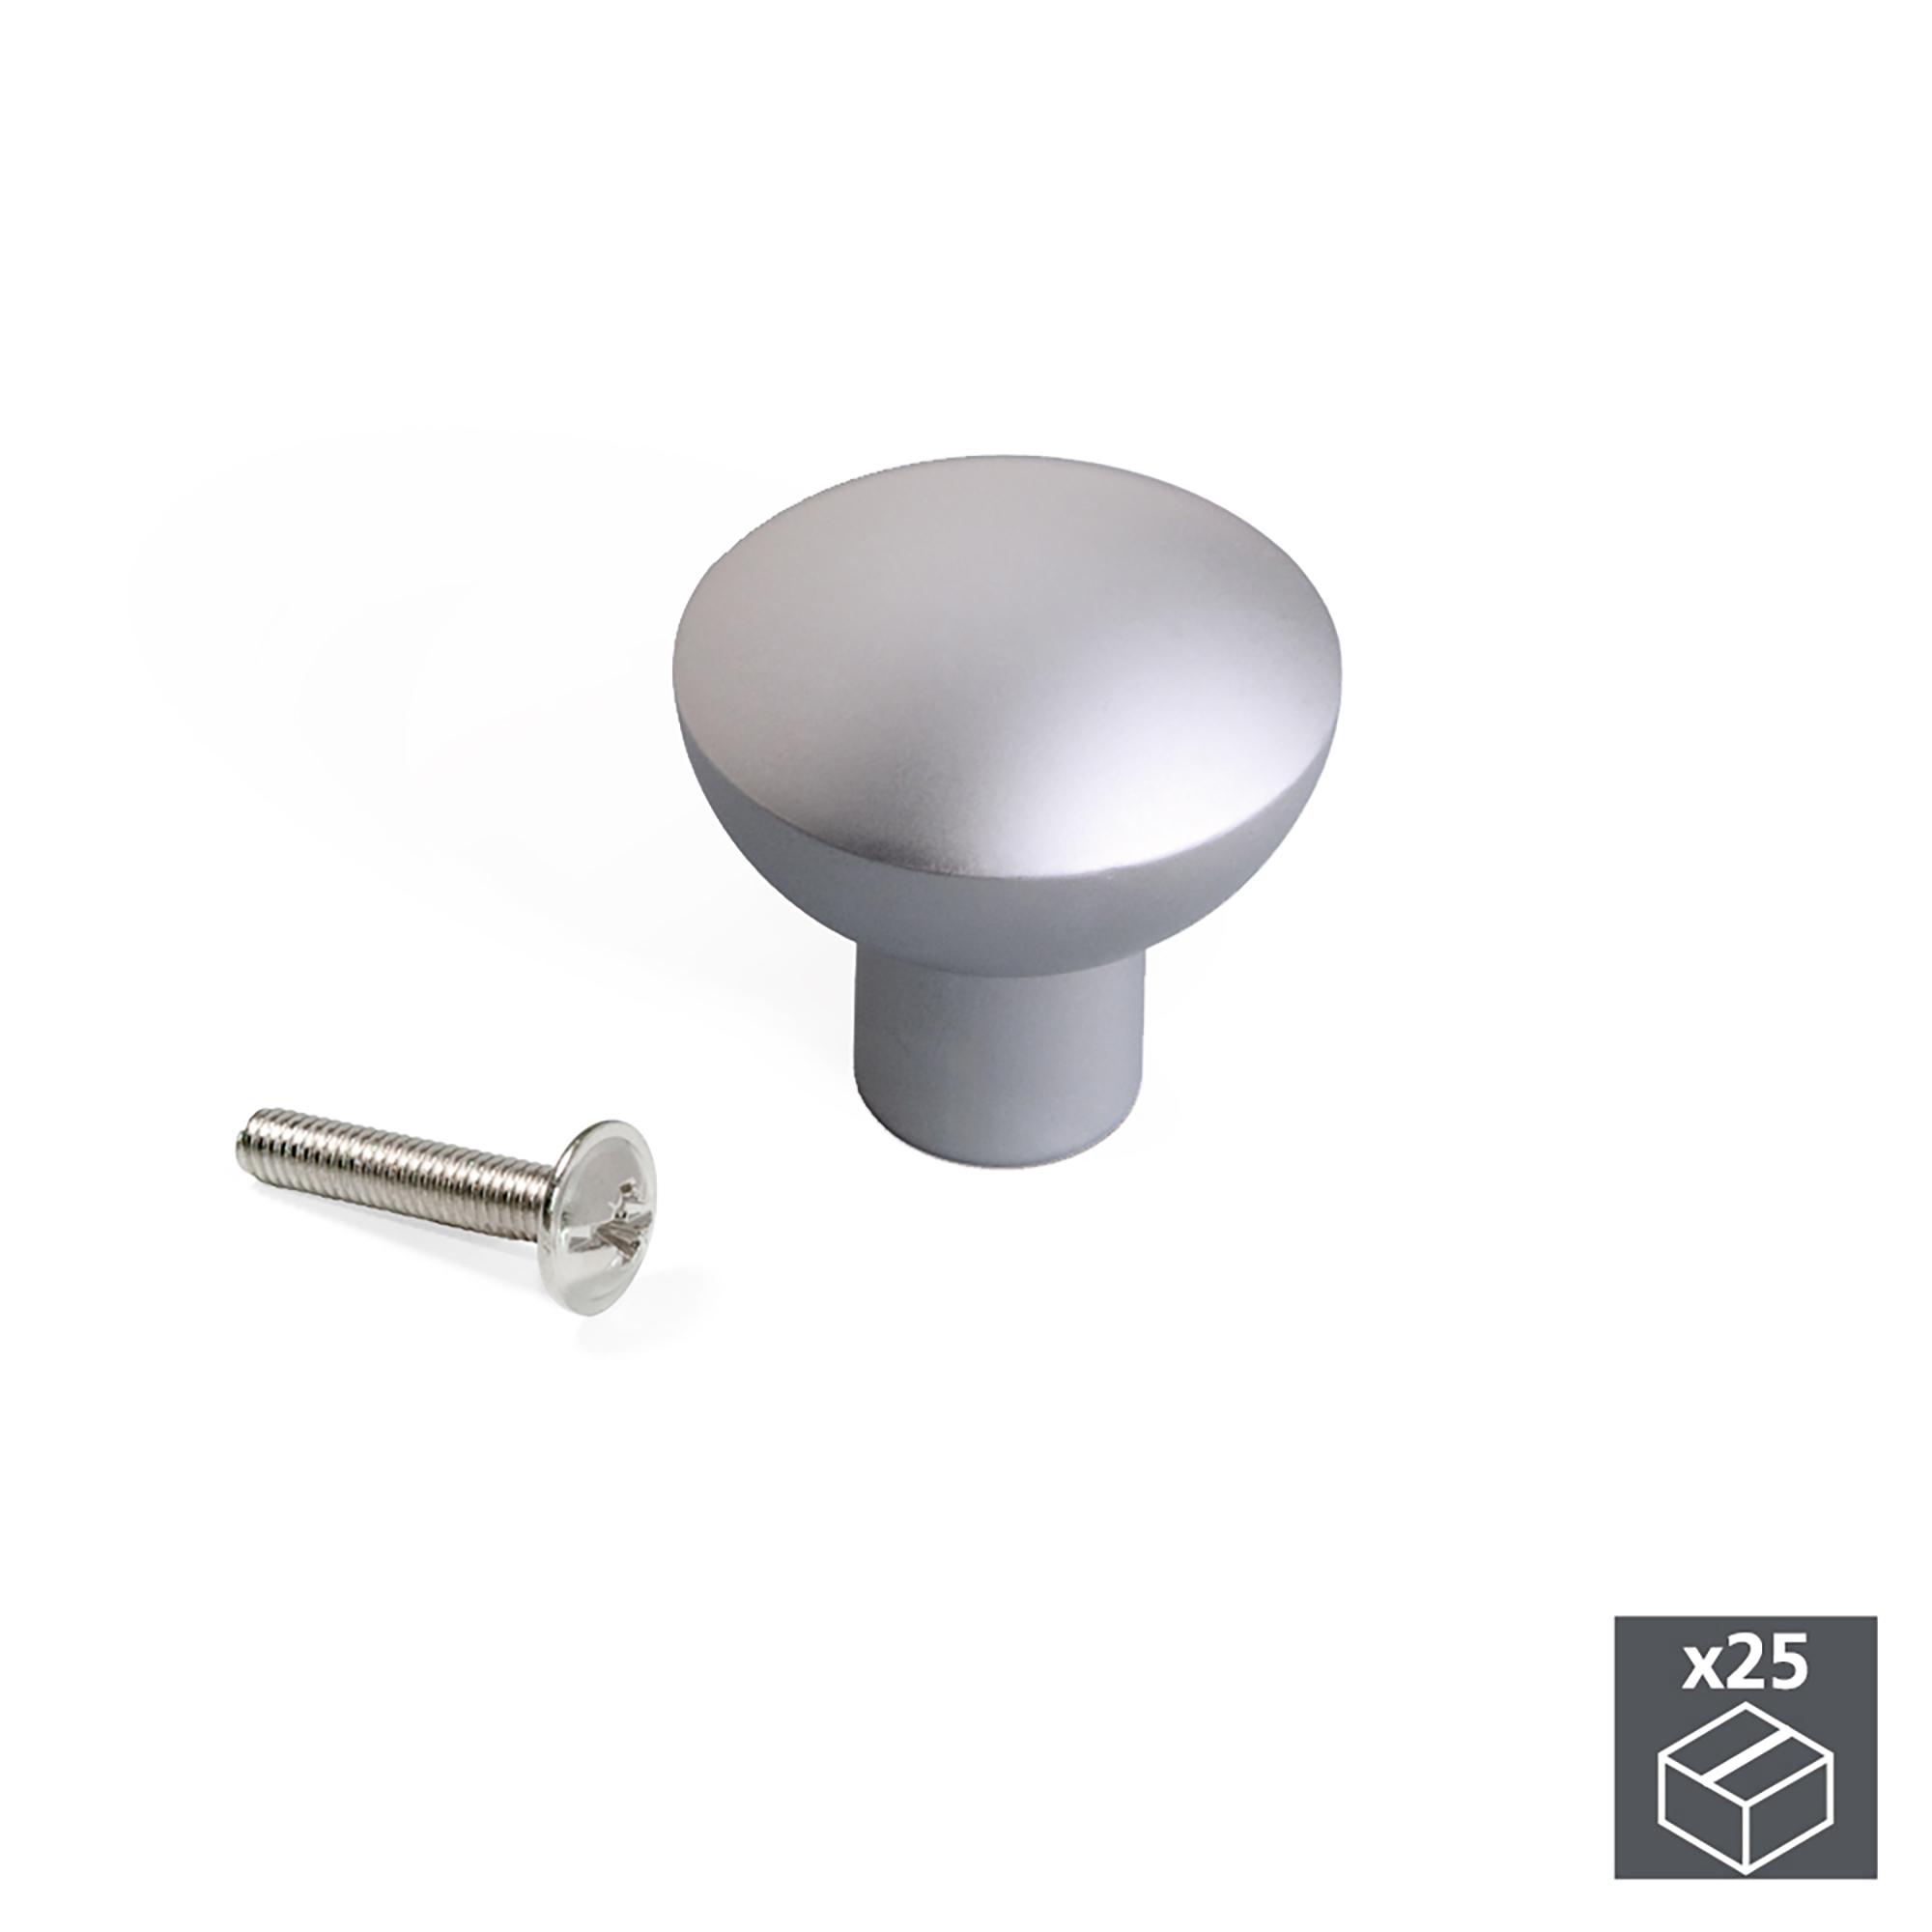 Emuca Pomolo per mobile, D. 25 mm, Alluminio, Anodizzato opaco, 25 u.